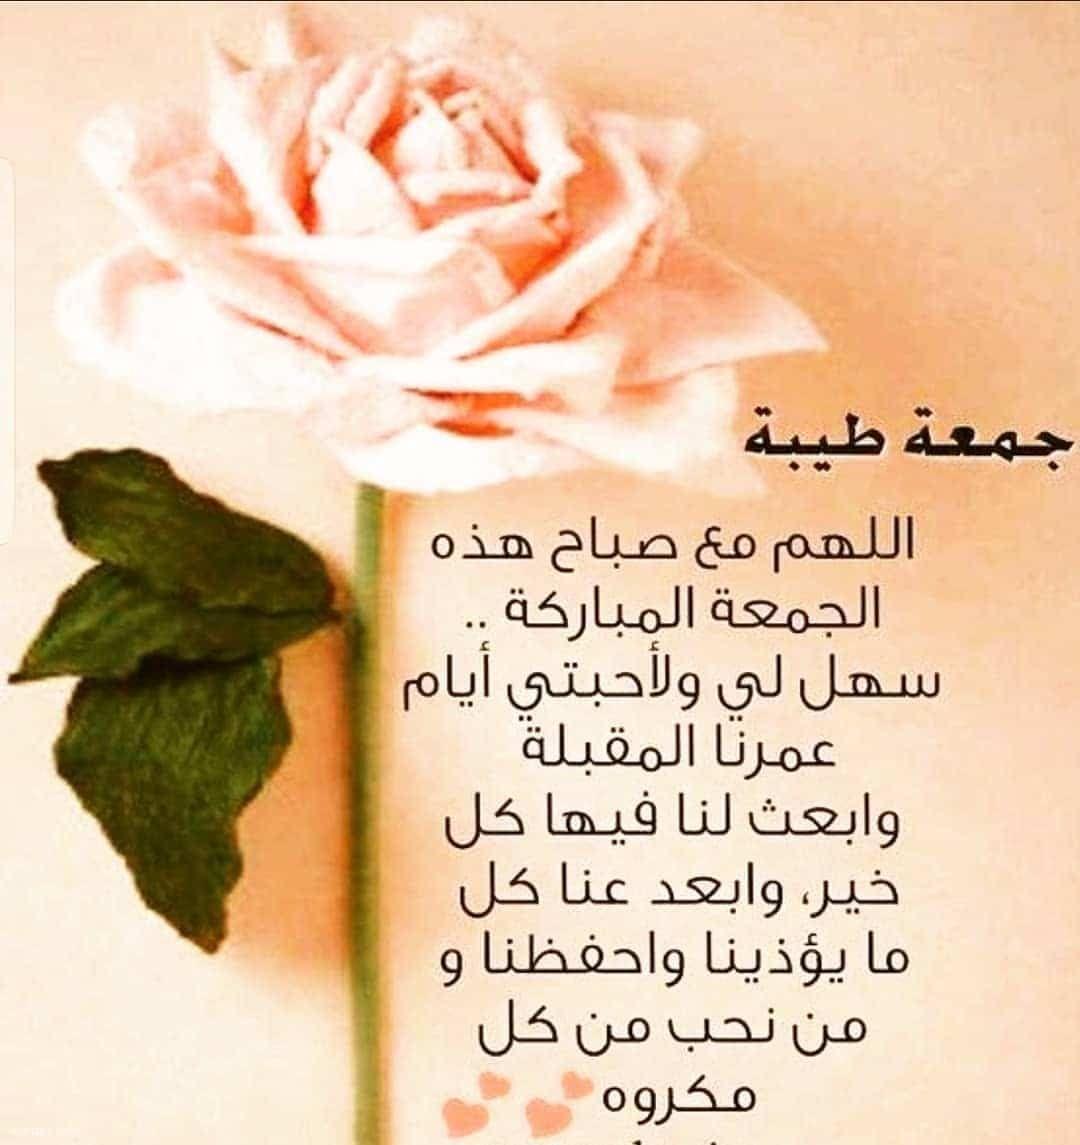 رمزيات جمعه مباركه رمزيات يوم الجمعه موقع كلمات Good Morning Happy Friday Islamic Pictures Jumah Mubarak